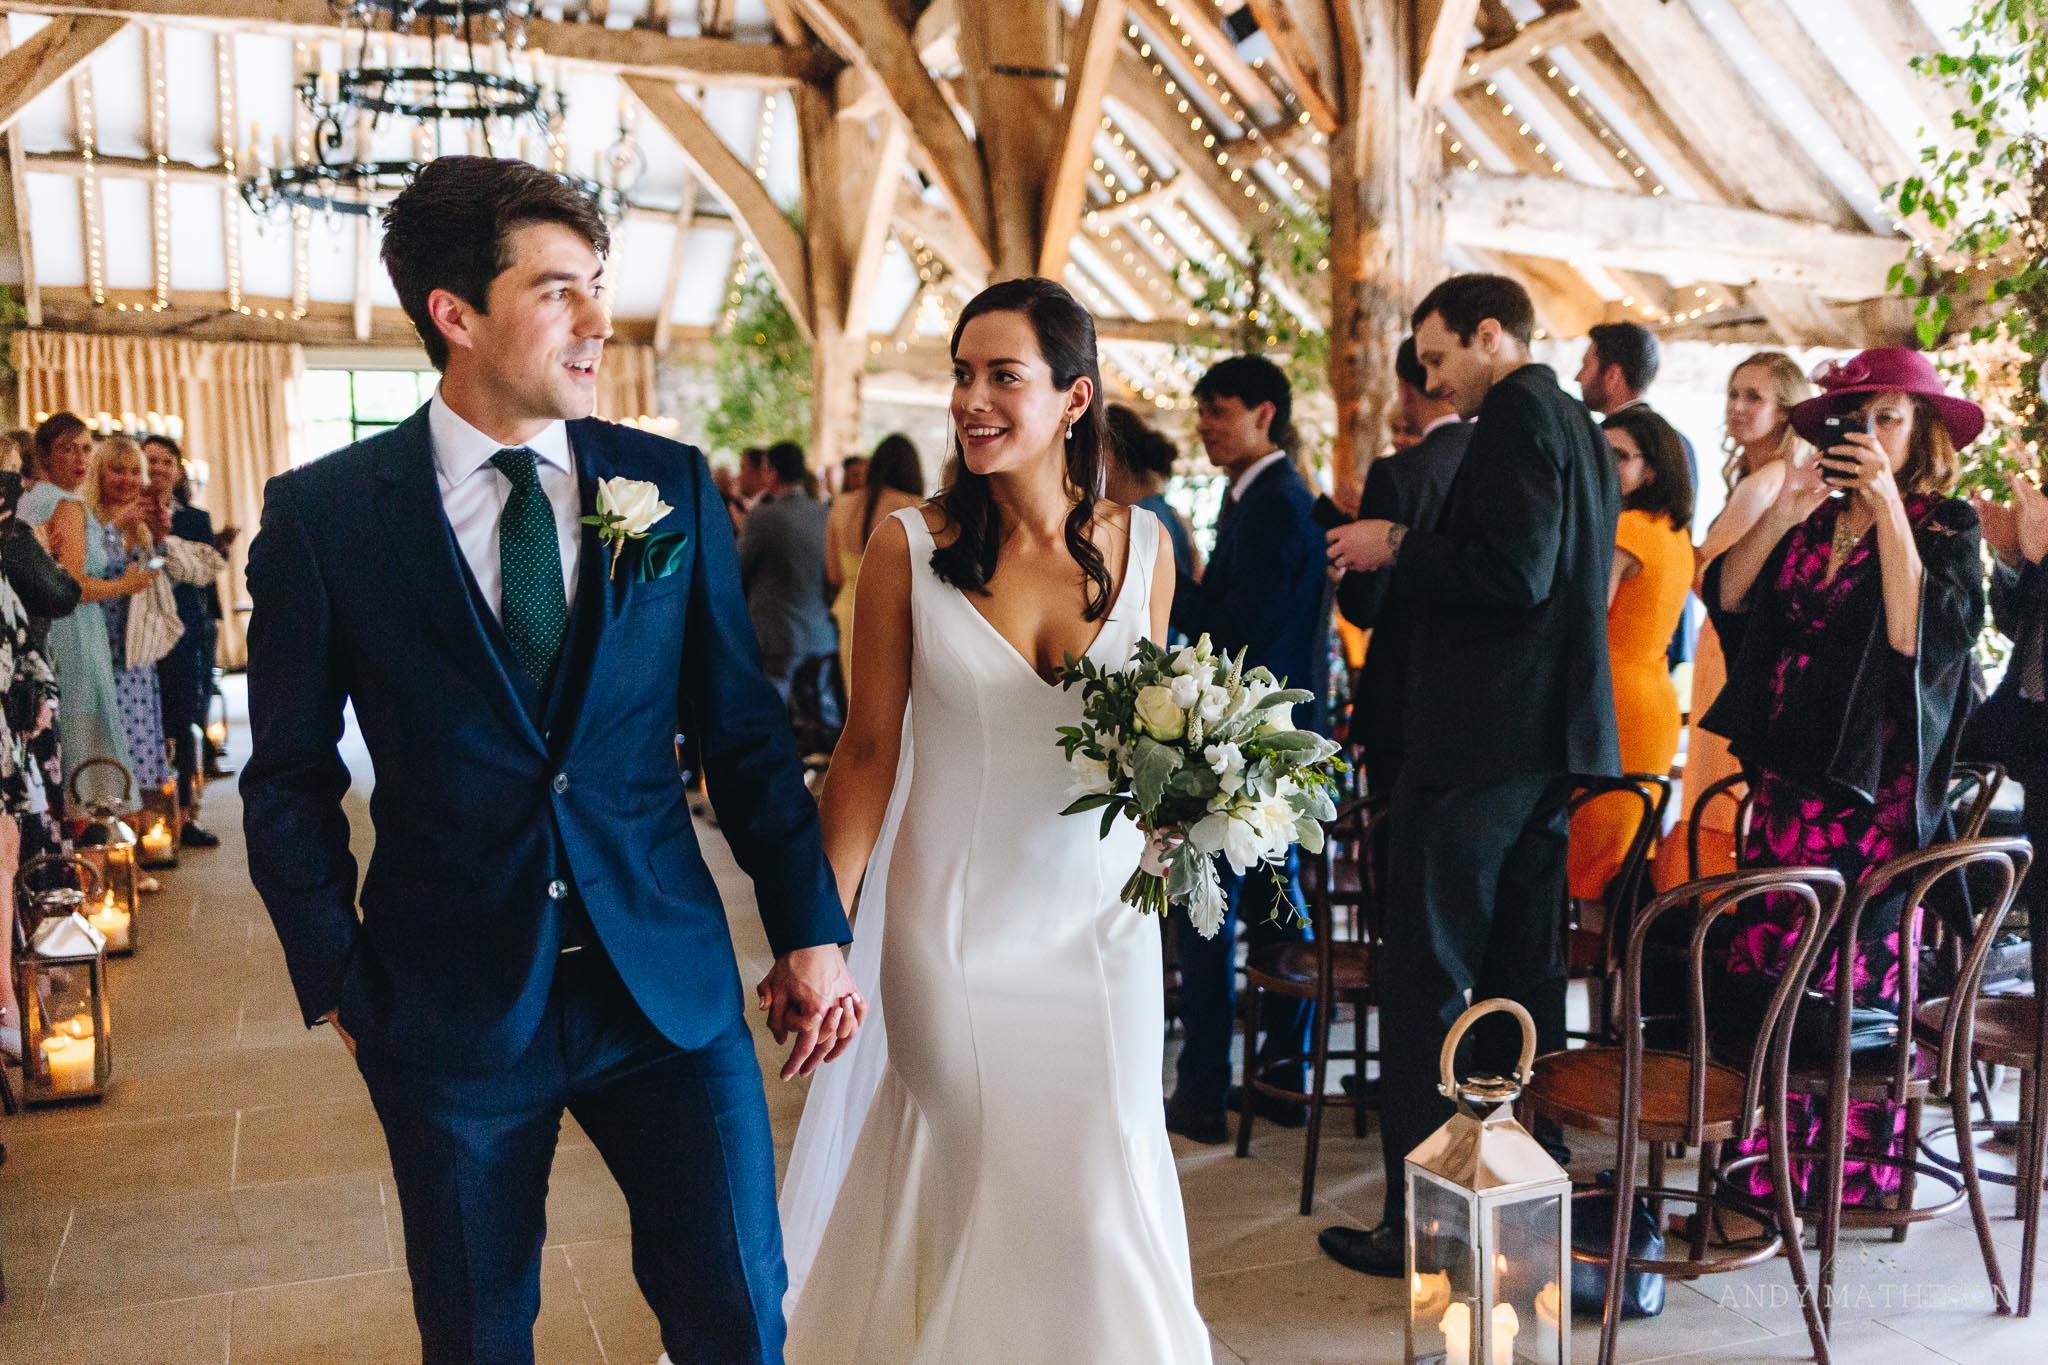 Tithe Barn Bolton Abbey Wedding Photographer_Andy Matheson_042.jpg